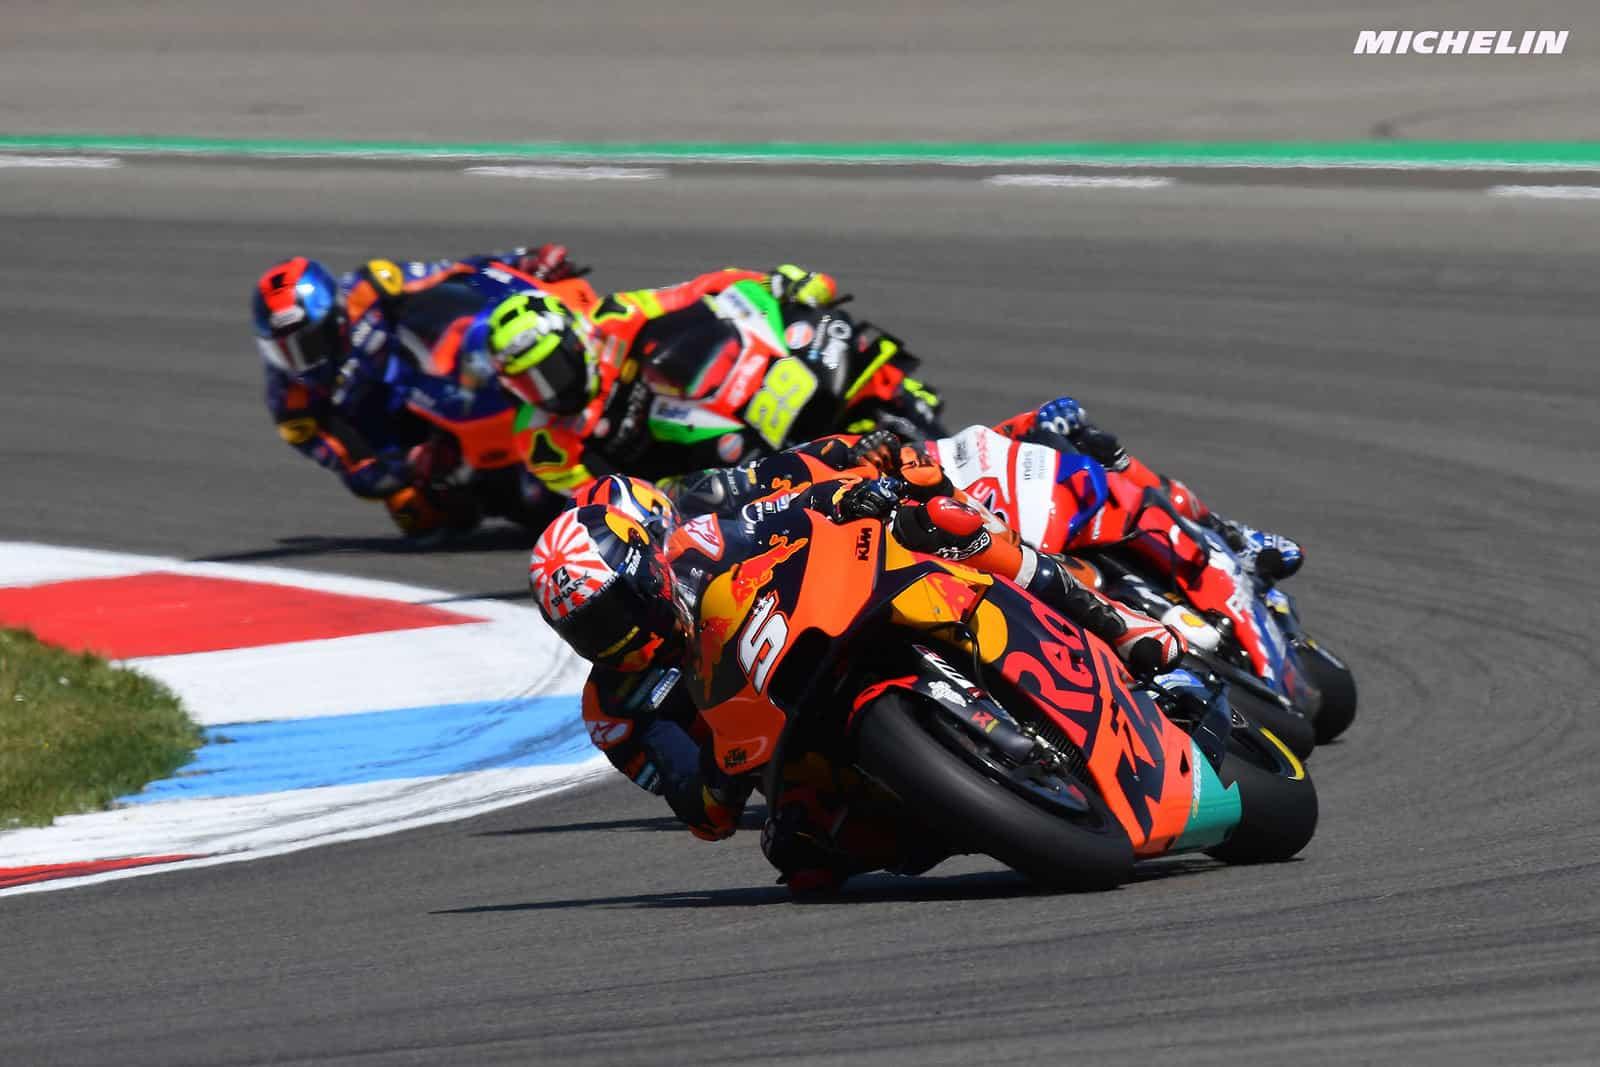 MotoGP2019オランダGP ザルコ「あれ以上バイクをコントロールすることは出来なかった」